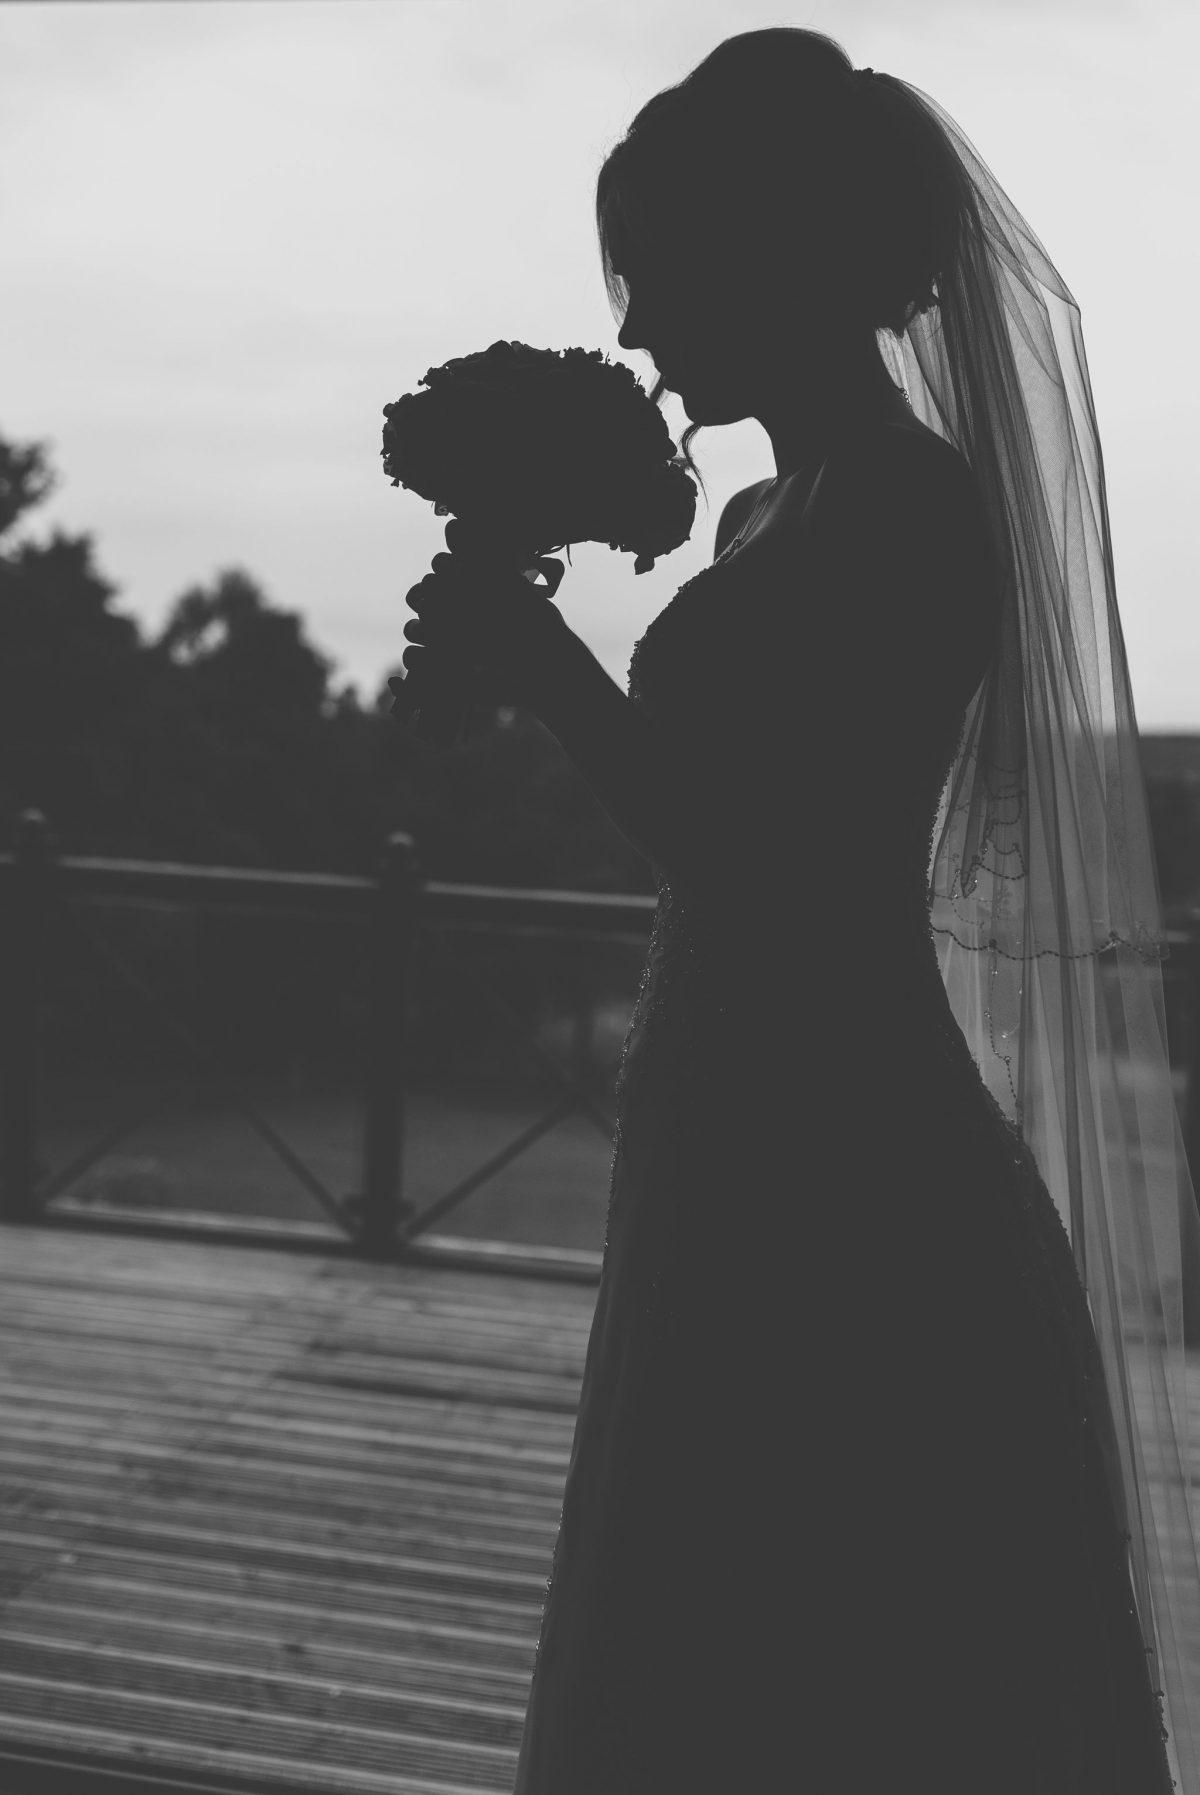 welsh_wedding_photographer_rachel_lambert_photography_canada_lake_lodge_michaela_haydn_ 30